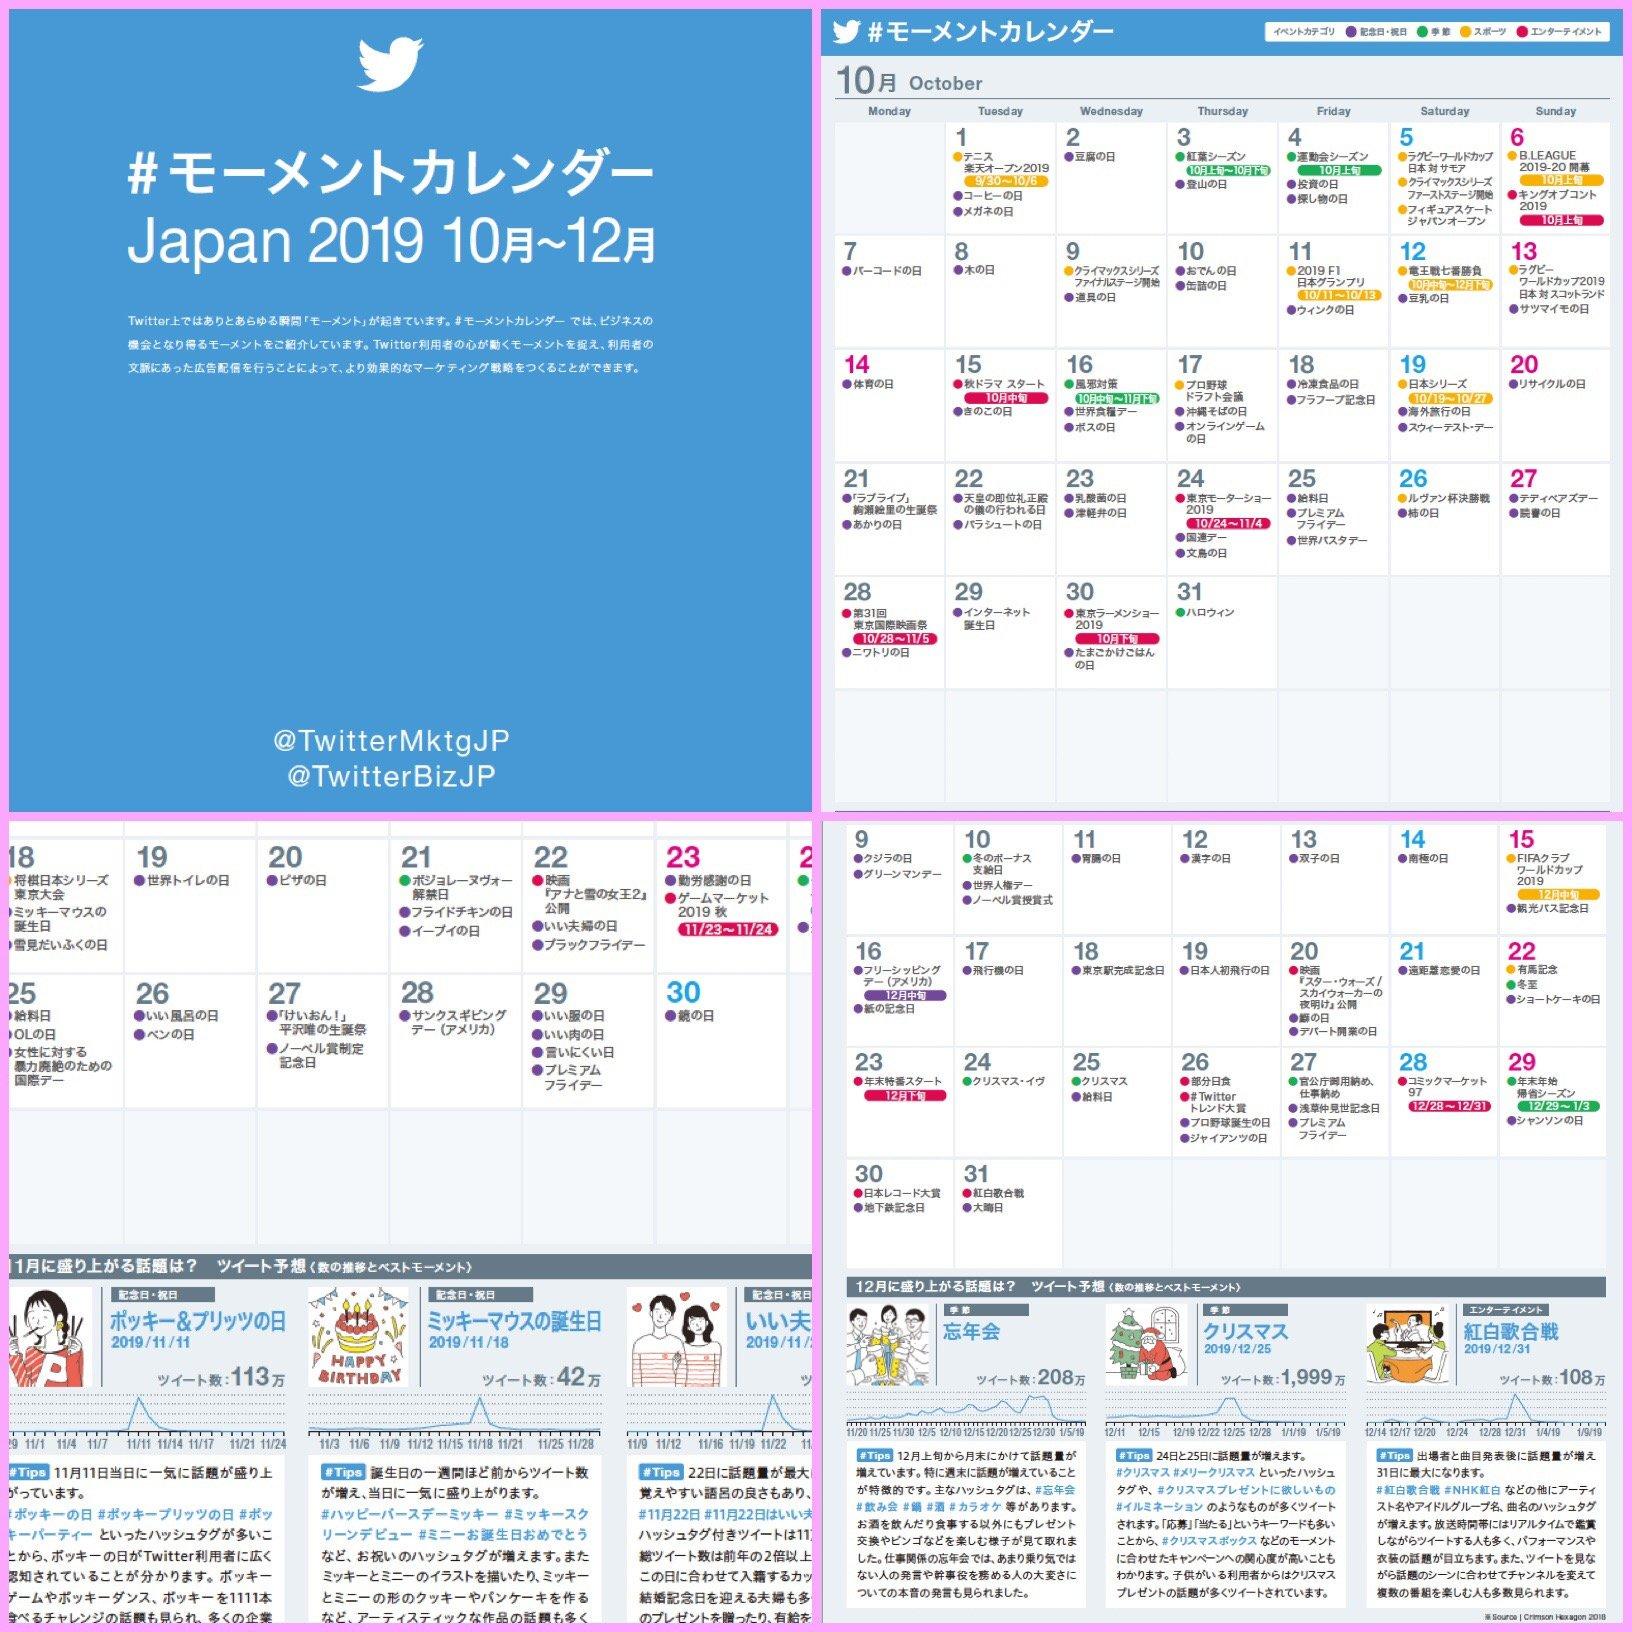 Twitter #モーメントカレンダー 2019 10月-12月分。これは普通に印刷して壁に貼っておいてカレンダーとして使ってもいい出来なのでは。 https://t.co/rkNINPYk1R